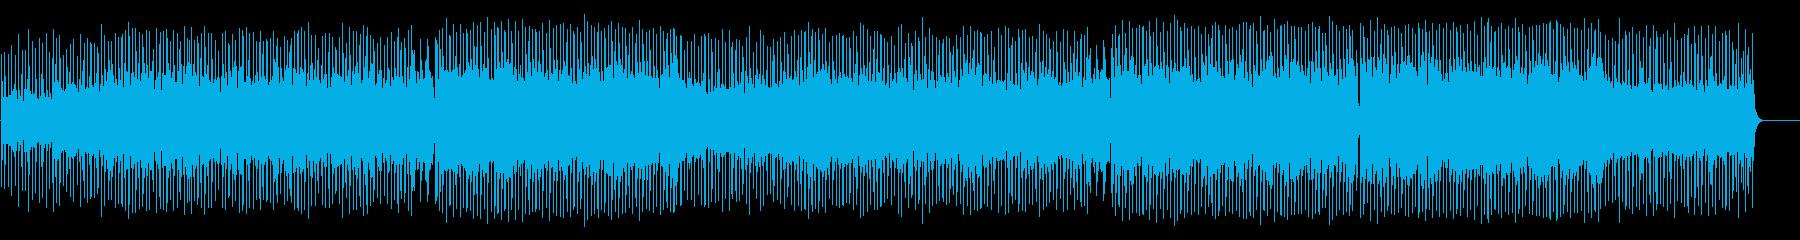 ブリティッシュなポップ(フルサイズ)の再生済みの波形